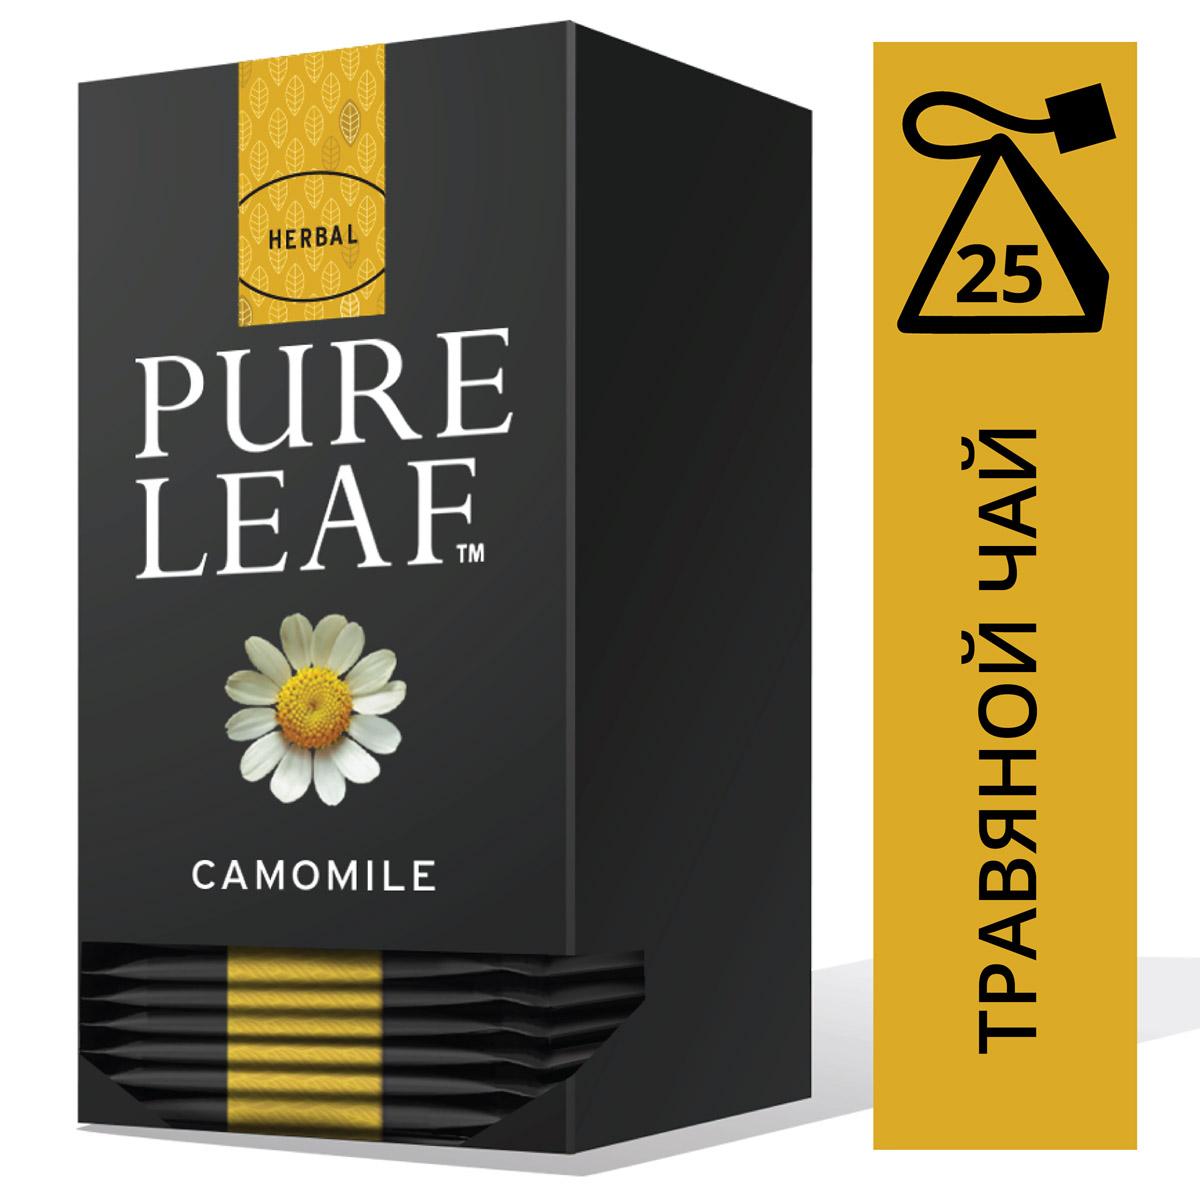 PURE LEAF травяной напиток в пакетиках Camomile (25шт) - Крупнолистовой чай